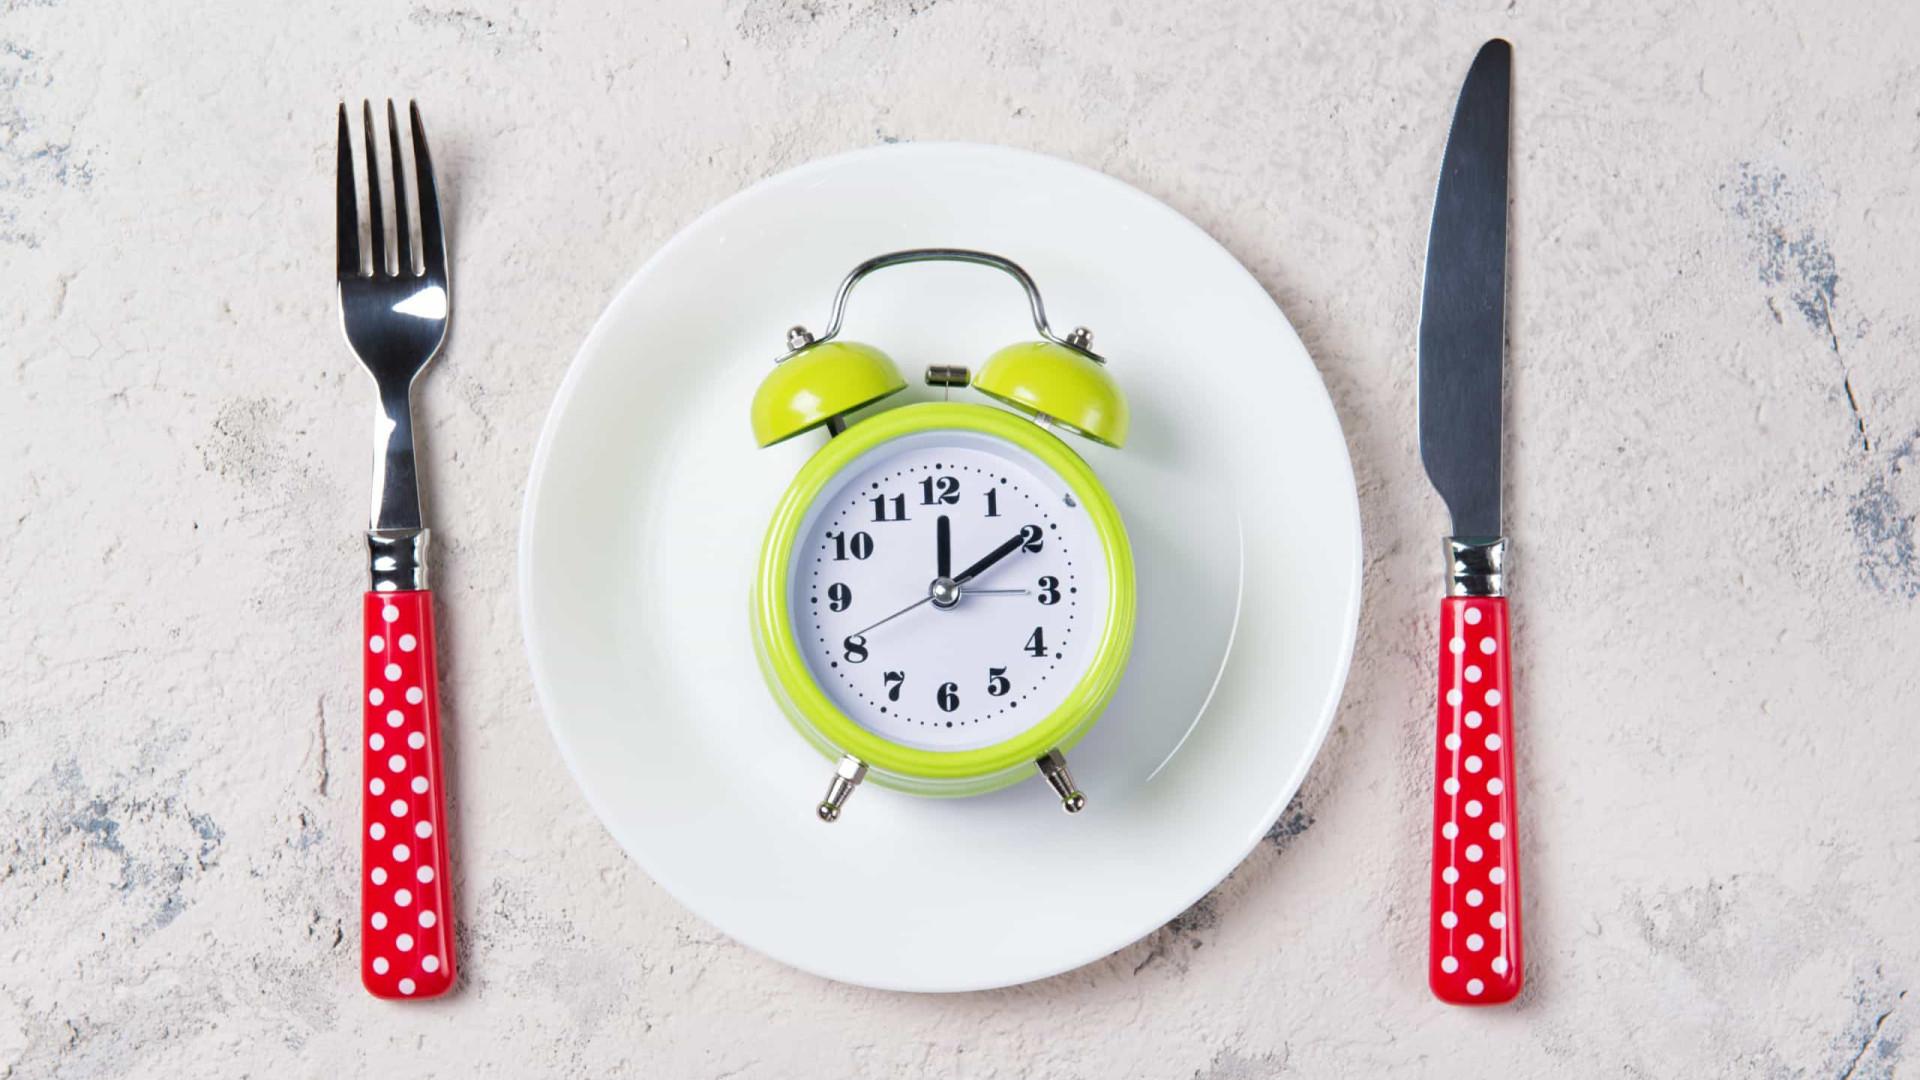 Jejum em dias alternados faz perder 3,5 quilos em um mês